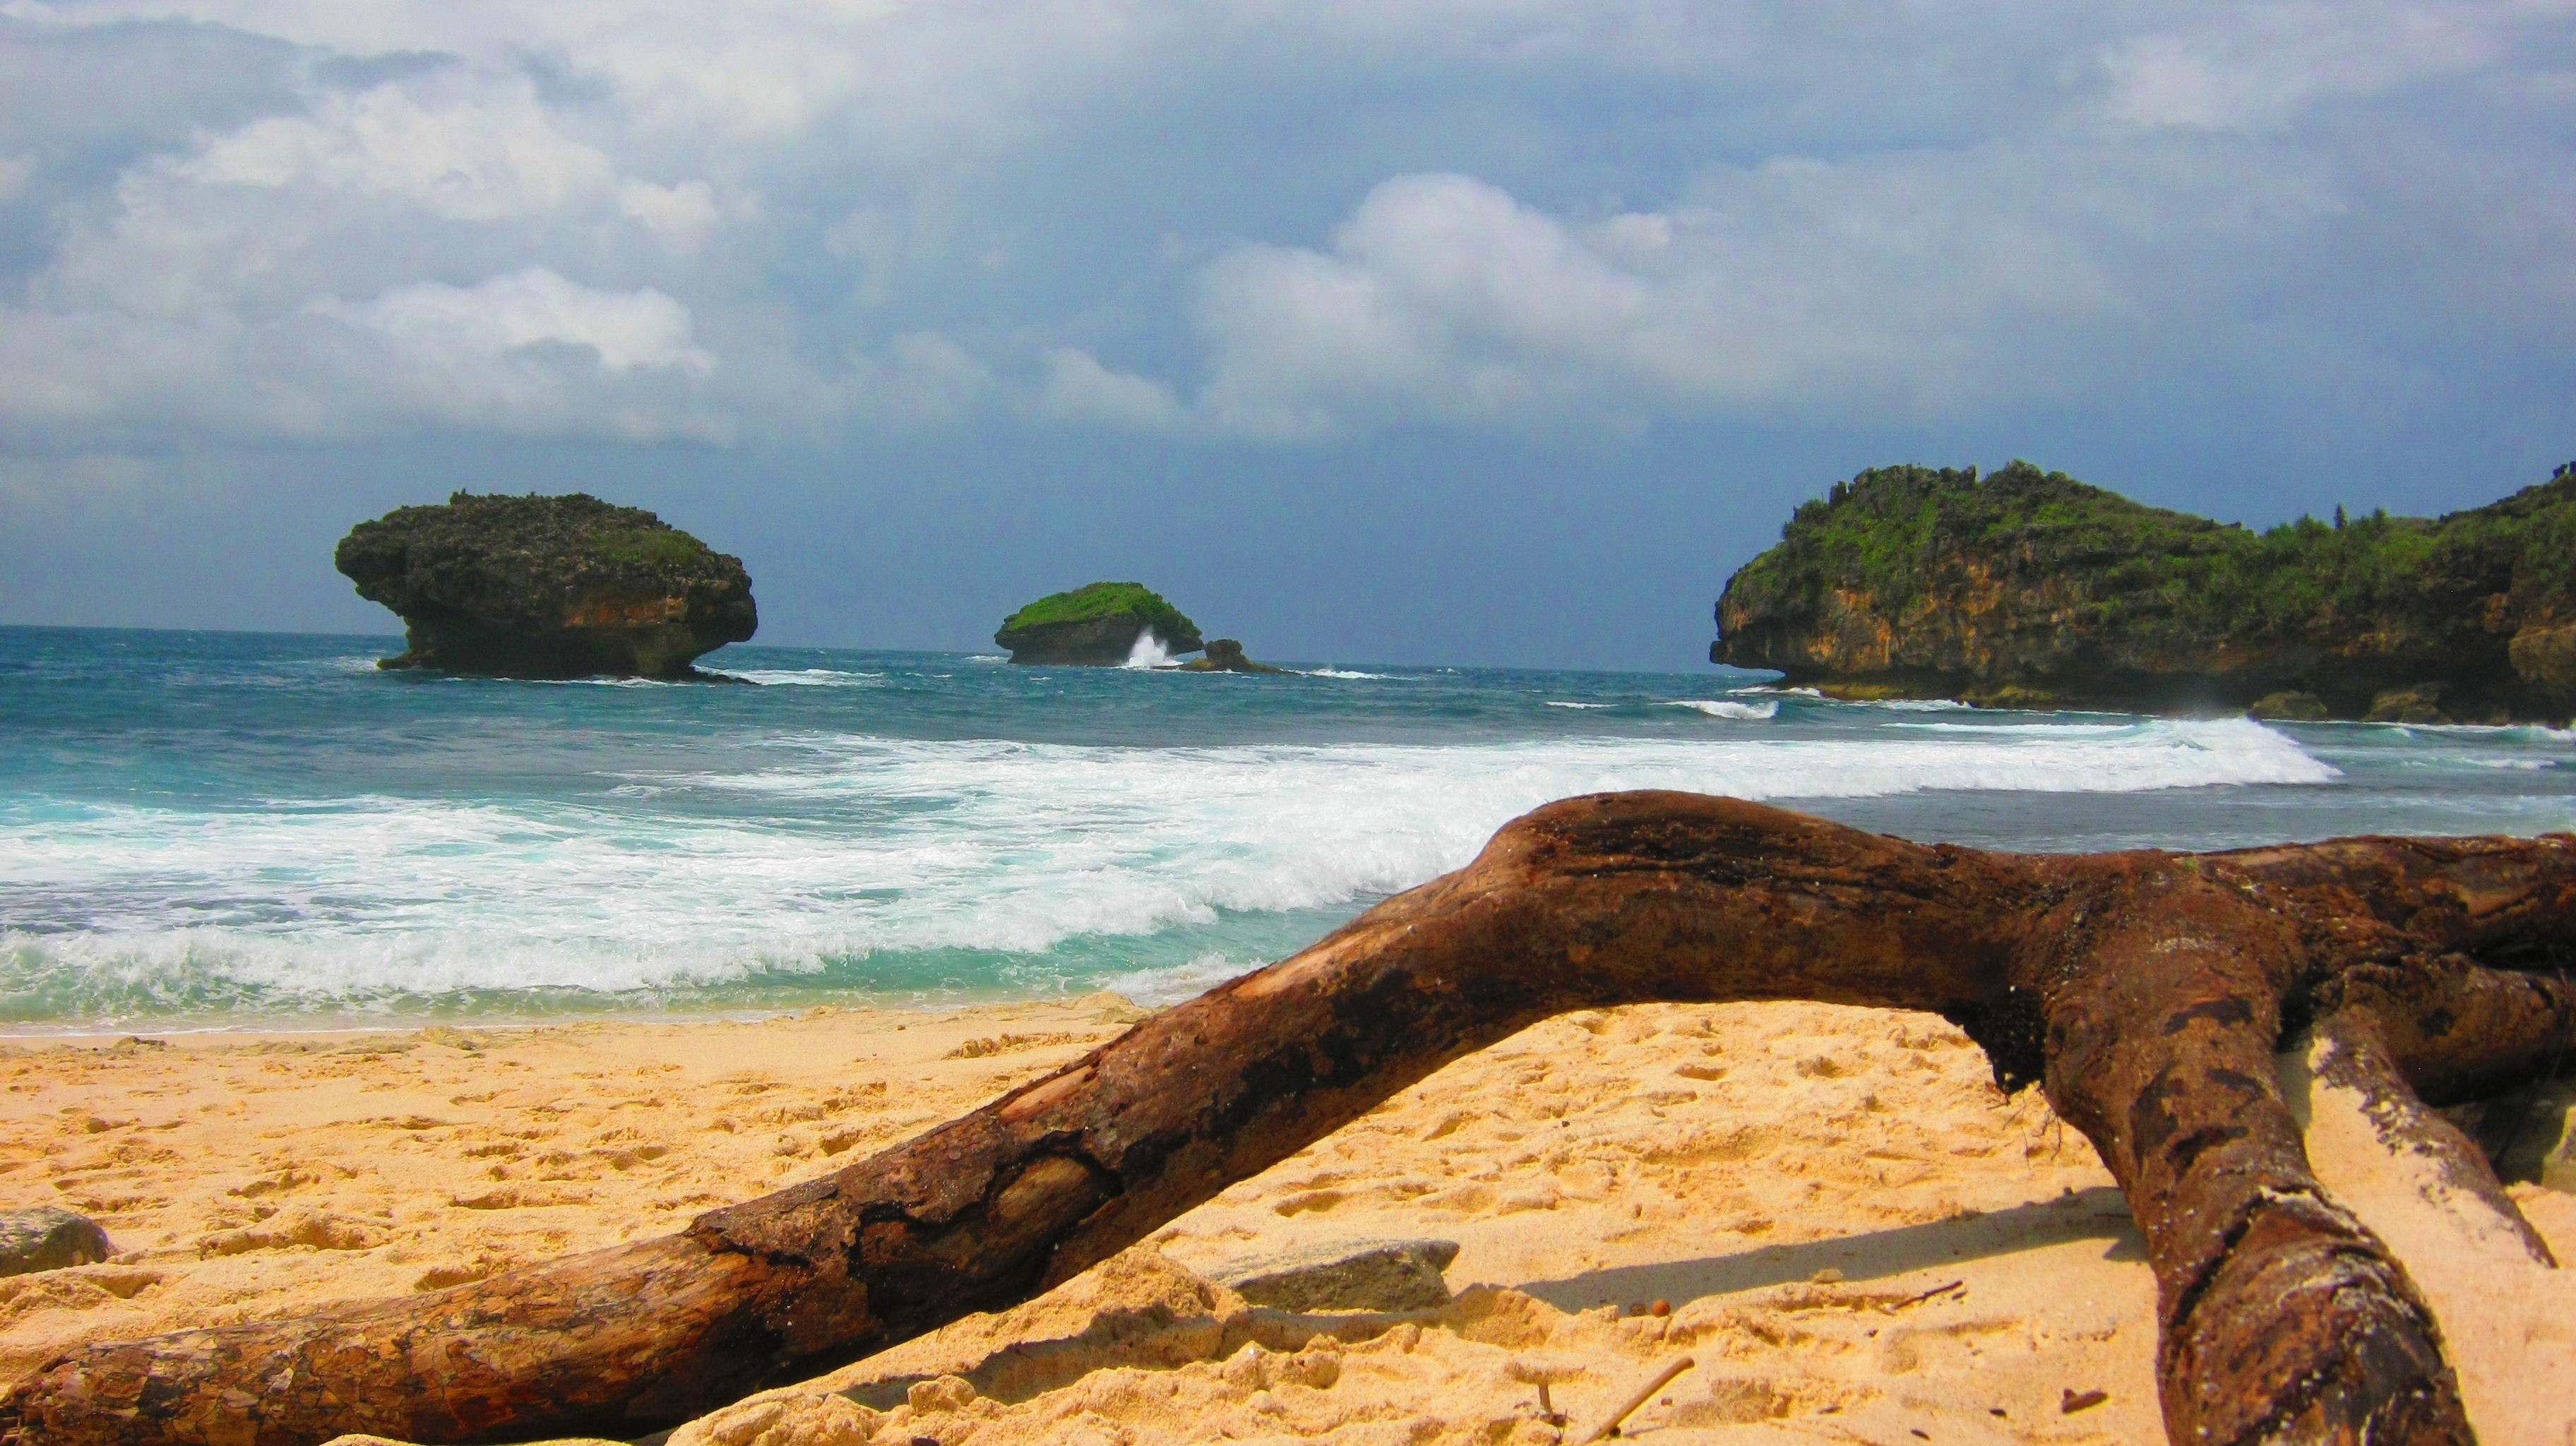 Melihat Bentang Alam Pacitan Pantai Srau Panduan Wisata Kab